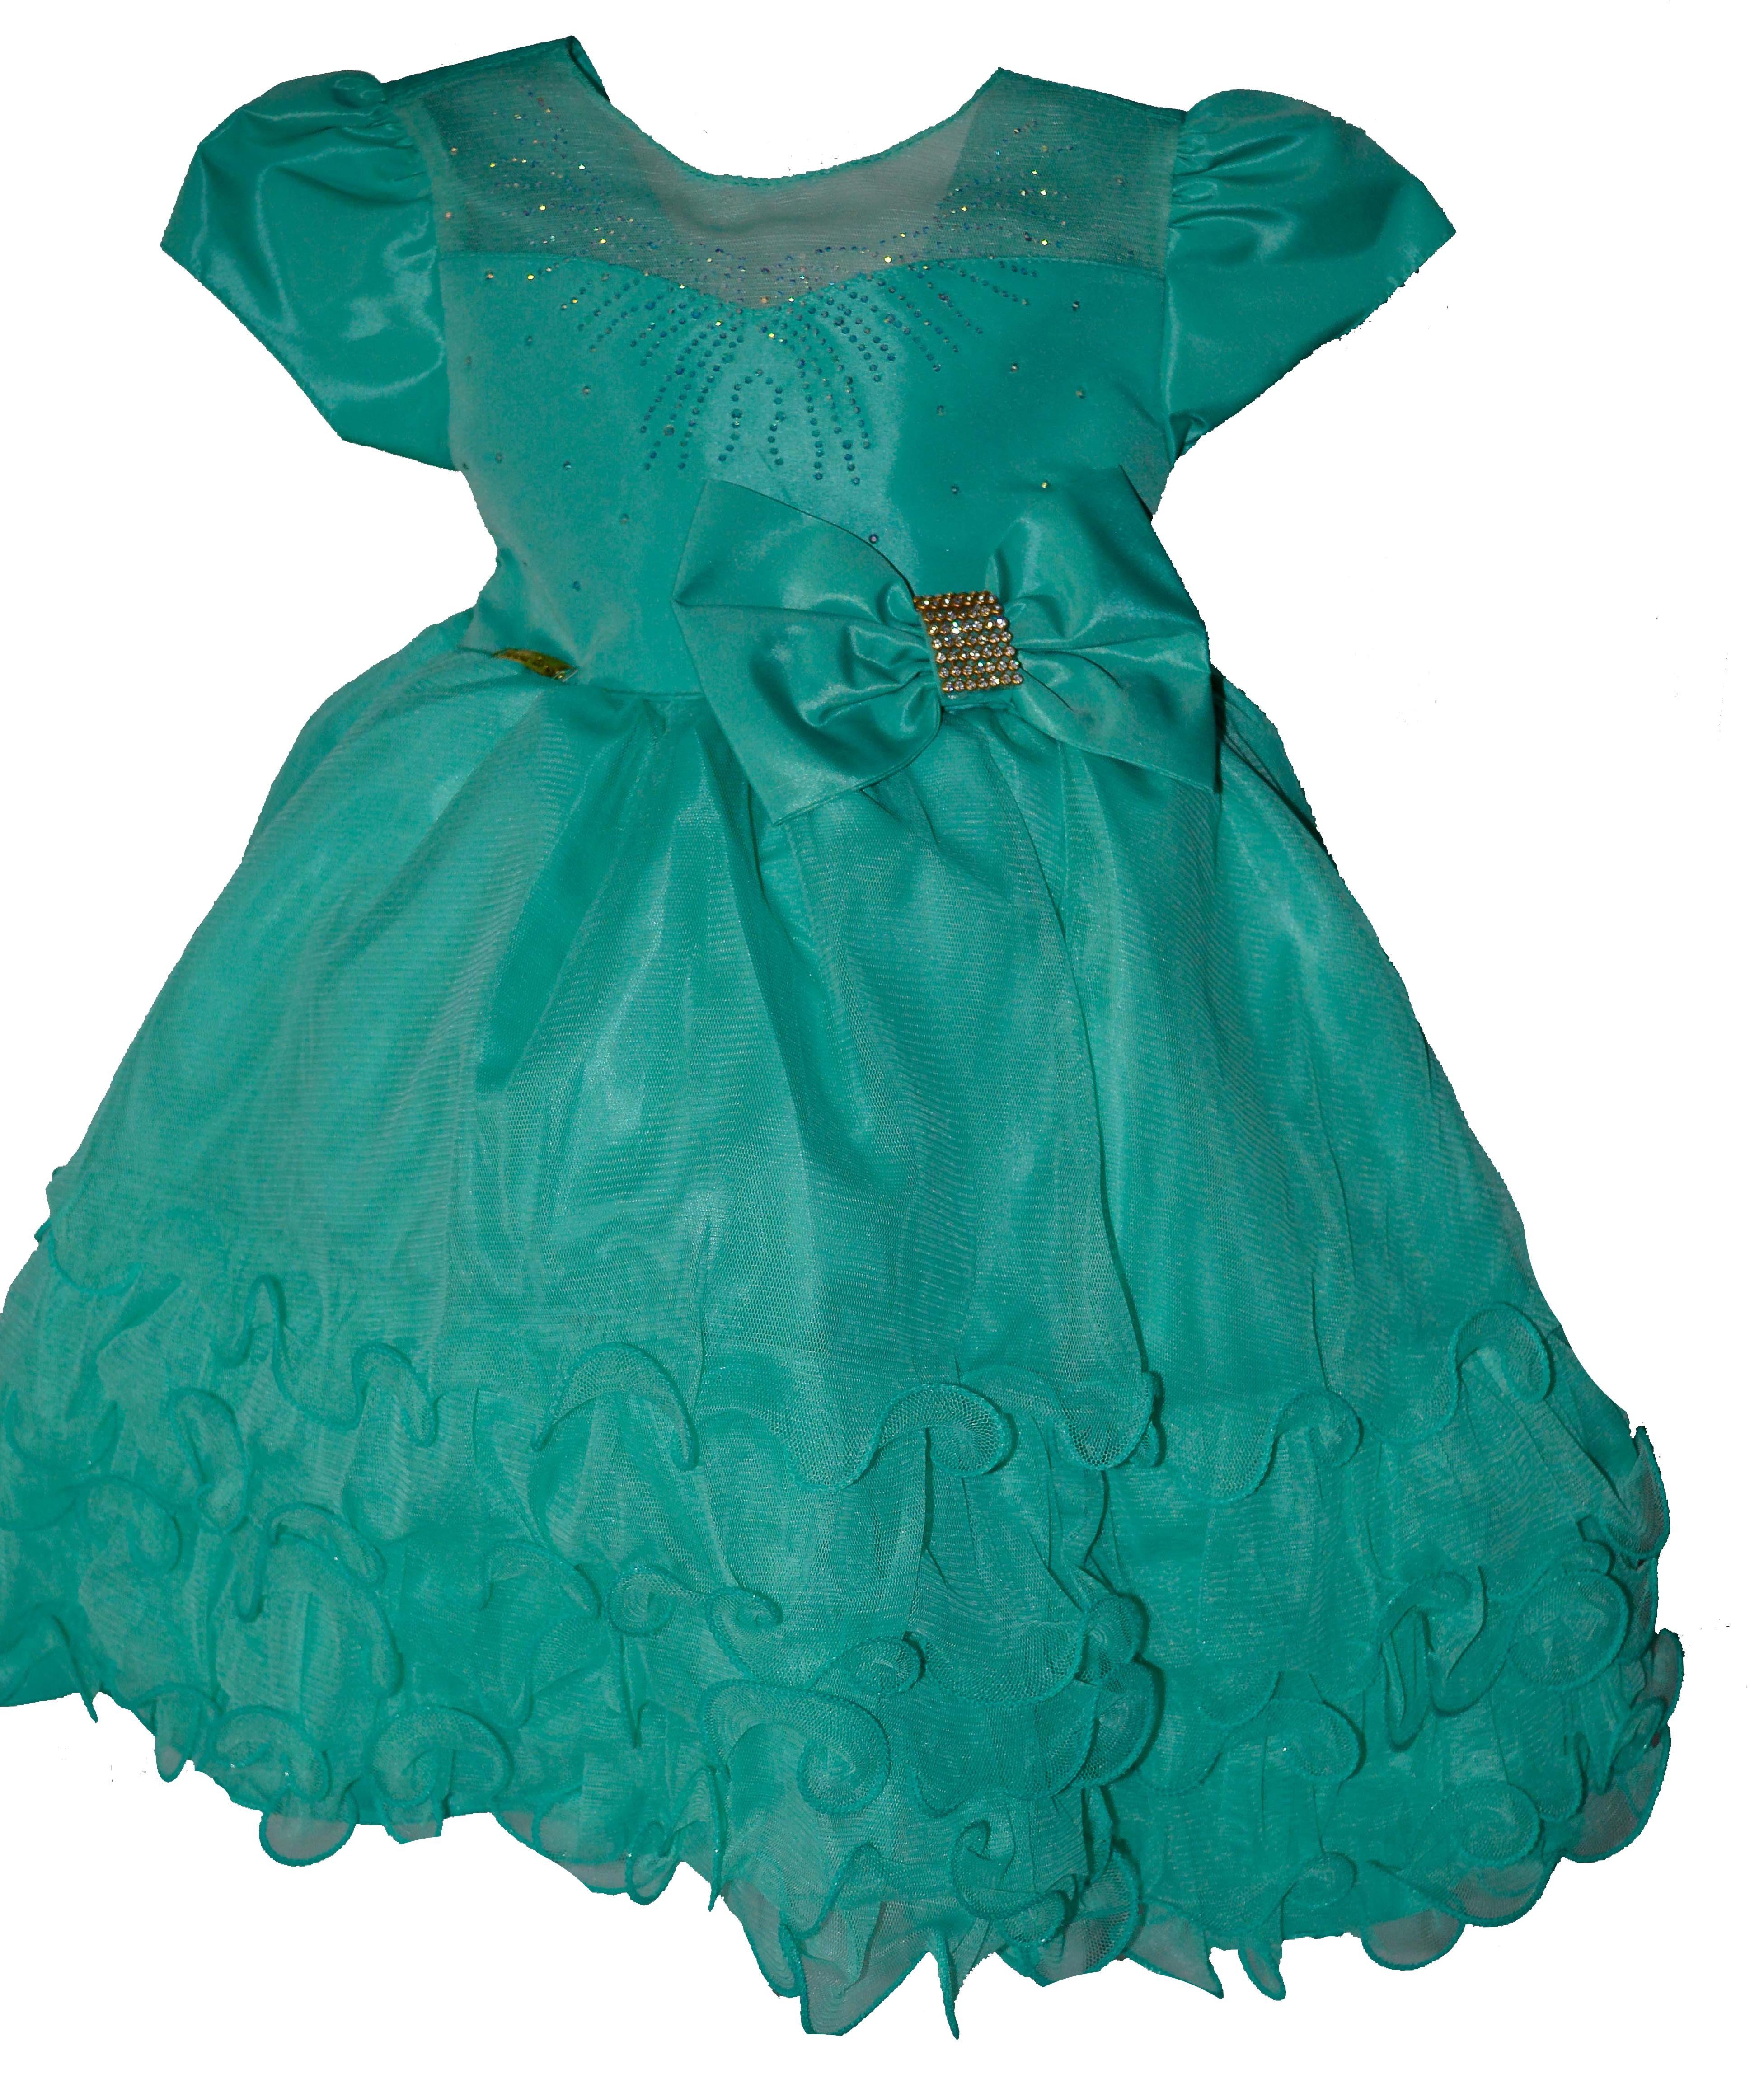 Vestido verde tifany